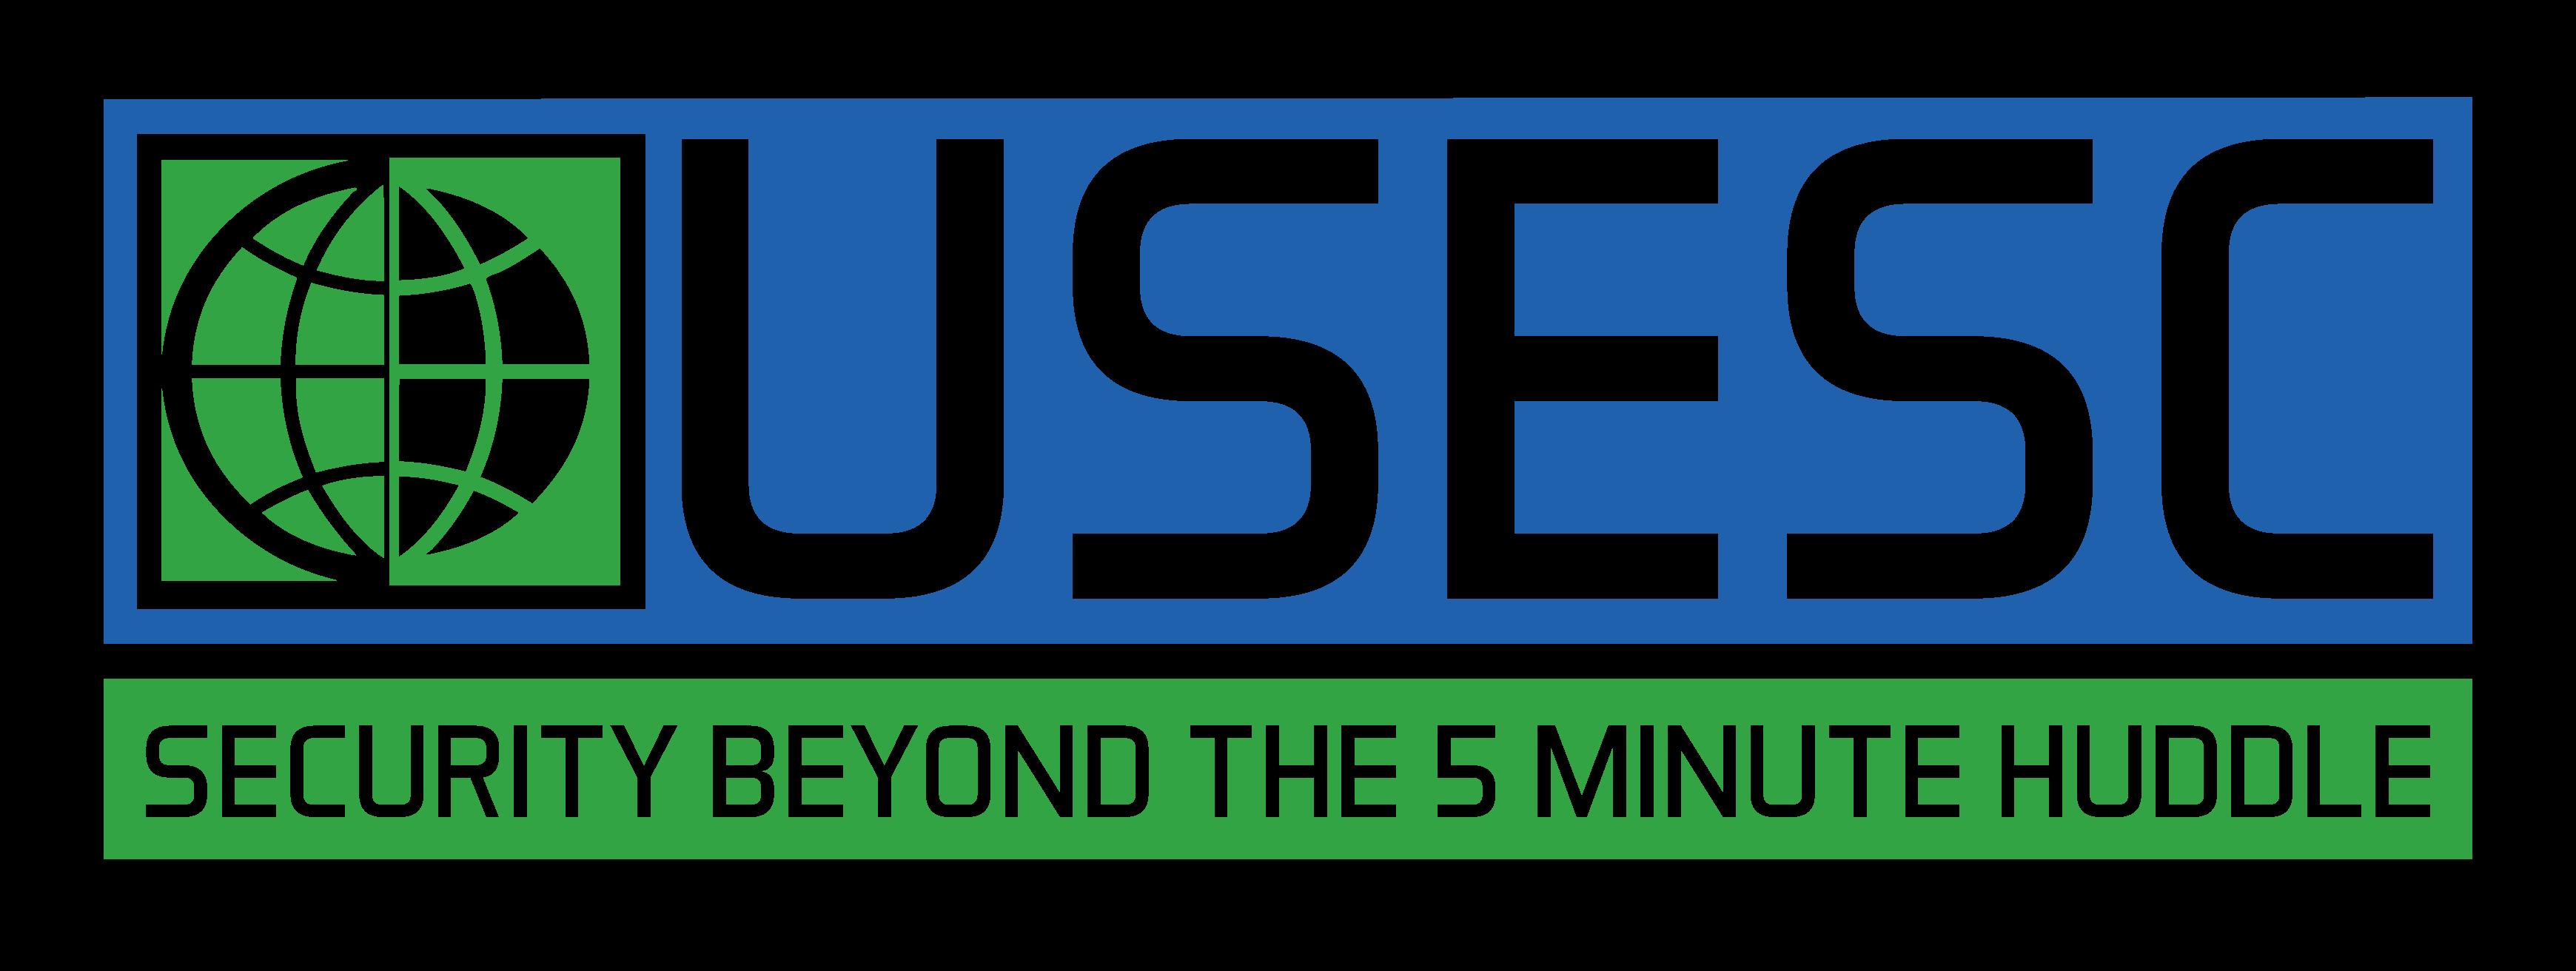 Image of WSIPC Logo